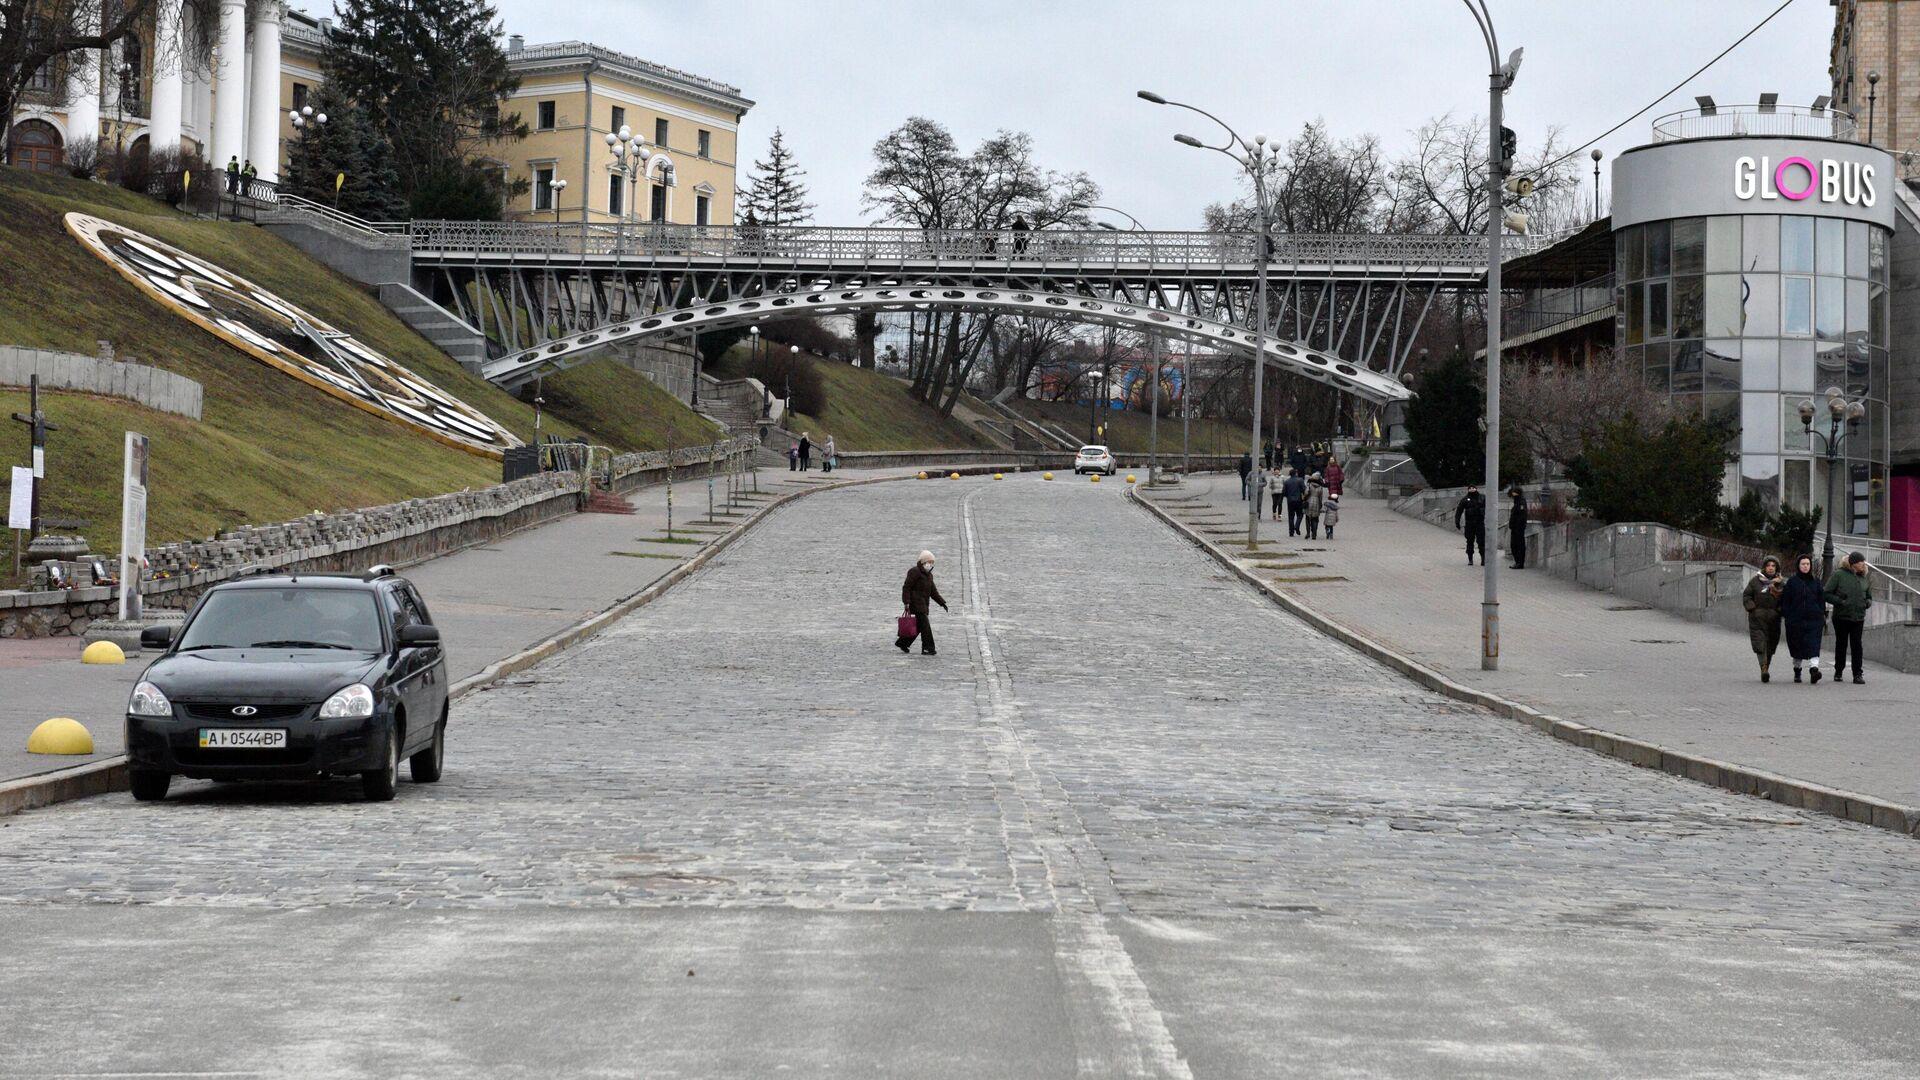 Малолюдная улица Институтская в Киеве - РИА Новости, 1920, 03.02.2021